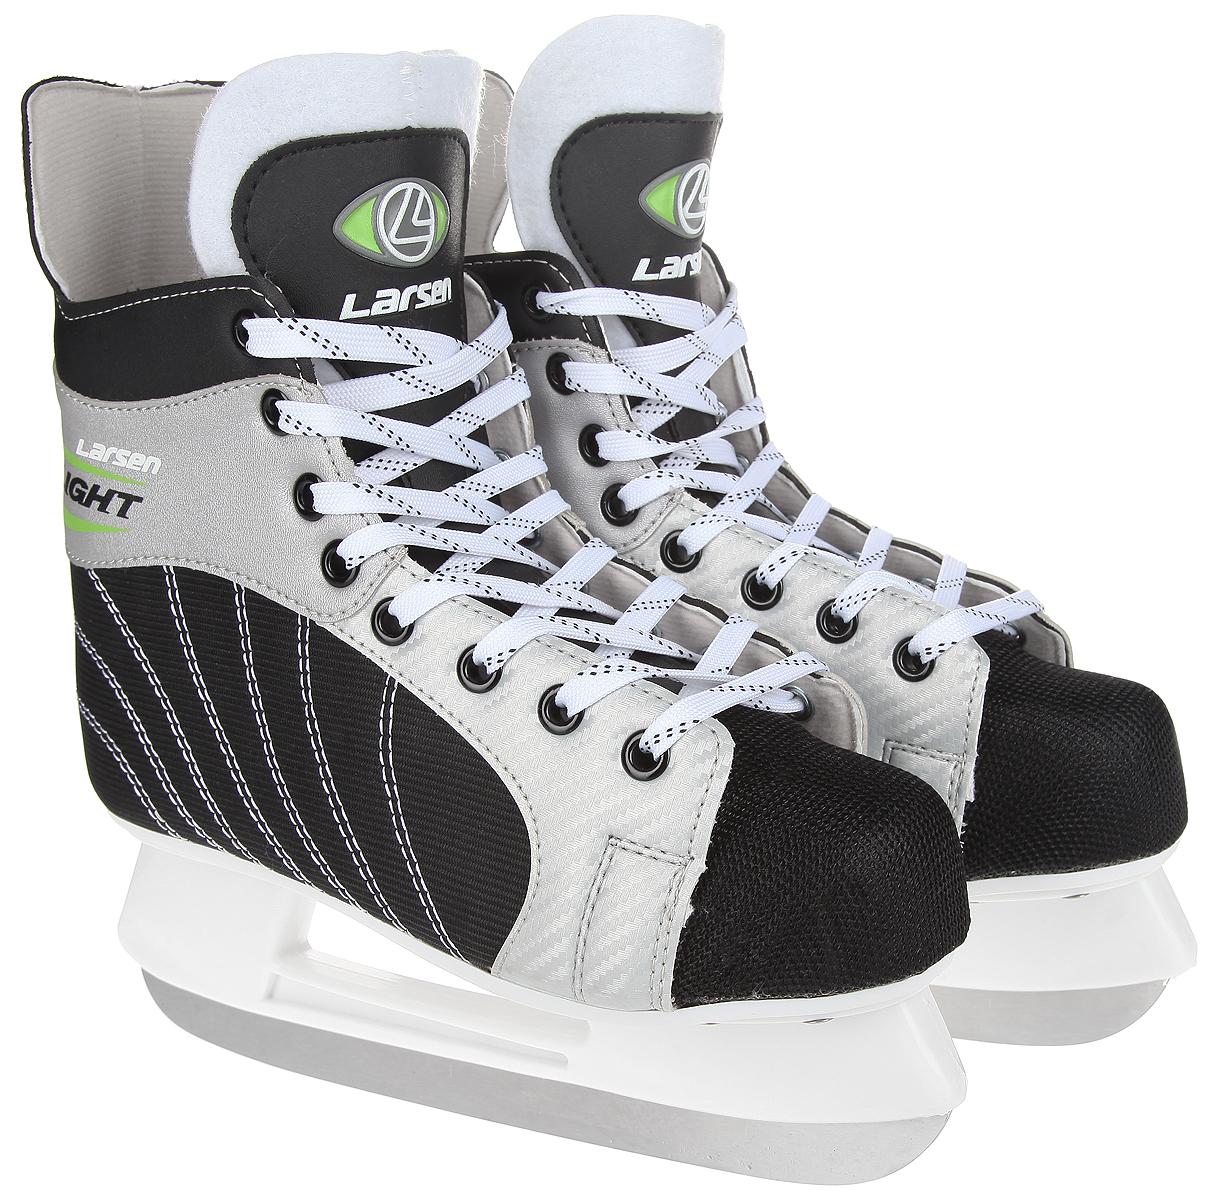 Коньки хоккейные мужские Larsen Light, цвет: черный, серебристый, белый. Размер 44Light_черный, серебристый, белый_44Стильные коньки Light от Larsen прекрасно подойдут для начинающих игроков в хоккей. Ботиноквыполнен из нейлона со вставками из морозоустойчивого поливинилхлорида. Мыс выполнен изполипропилена, покрытого сетчатым нейлоном, который защитит ноги от ударов. Внутреннийслой изготовлен из материала Cambrelle, который обладает высокой гигроскопичностью ивоздухопроницаемостью, имеет высокую степень устойчивости к истиранию, приятен на ощупь,быстро высыхает. Язычок из войлока обеспечивает дополнительное тепло. Плотная шнуровканадежно фиксирует модель на ноге. Голеностоп имеет удобный суппорт. Стелька из EVA стекстильной поверхностью обеспечит комфортное катание. Стойка выполнена изударопрочного пластика. Лезвие из нержавеющей стали обеспечит превосходное скольжение.В комплект входят пластиковые чехлы для лезвия. Рекомендуемая температураиспользования: до -20°C.